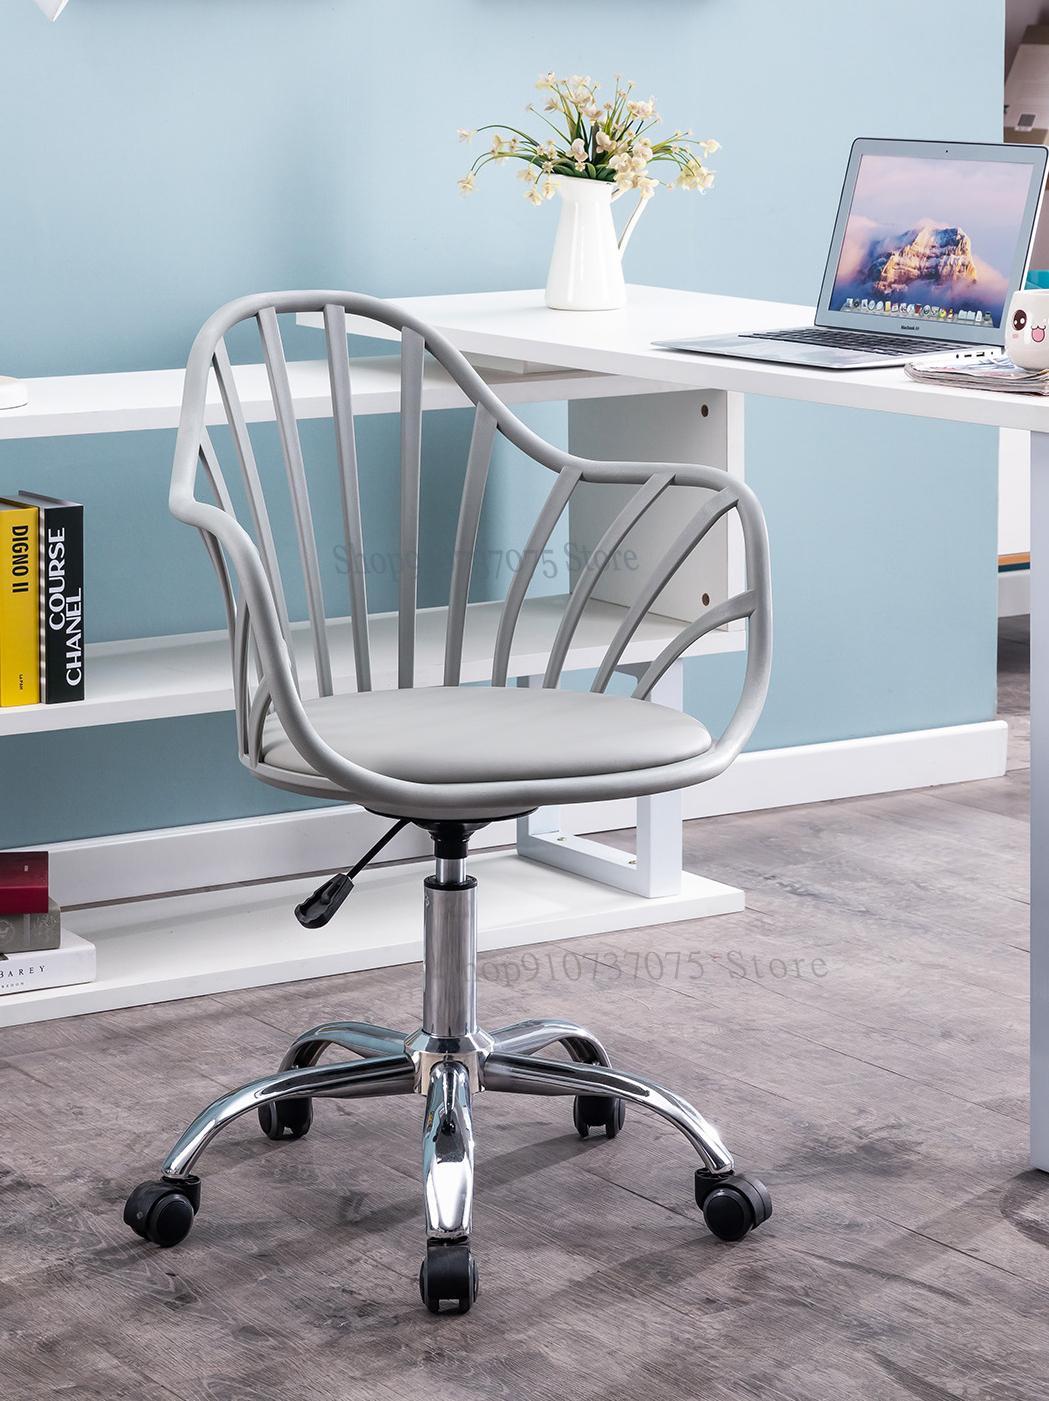 Компьютерное кресло, вращающийся офисный стул белого цвета для дома, простая креативная подставка для мобильного телефона